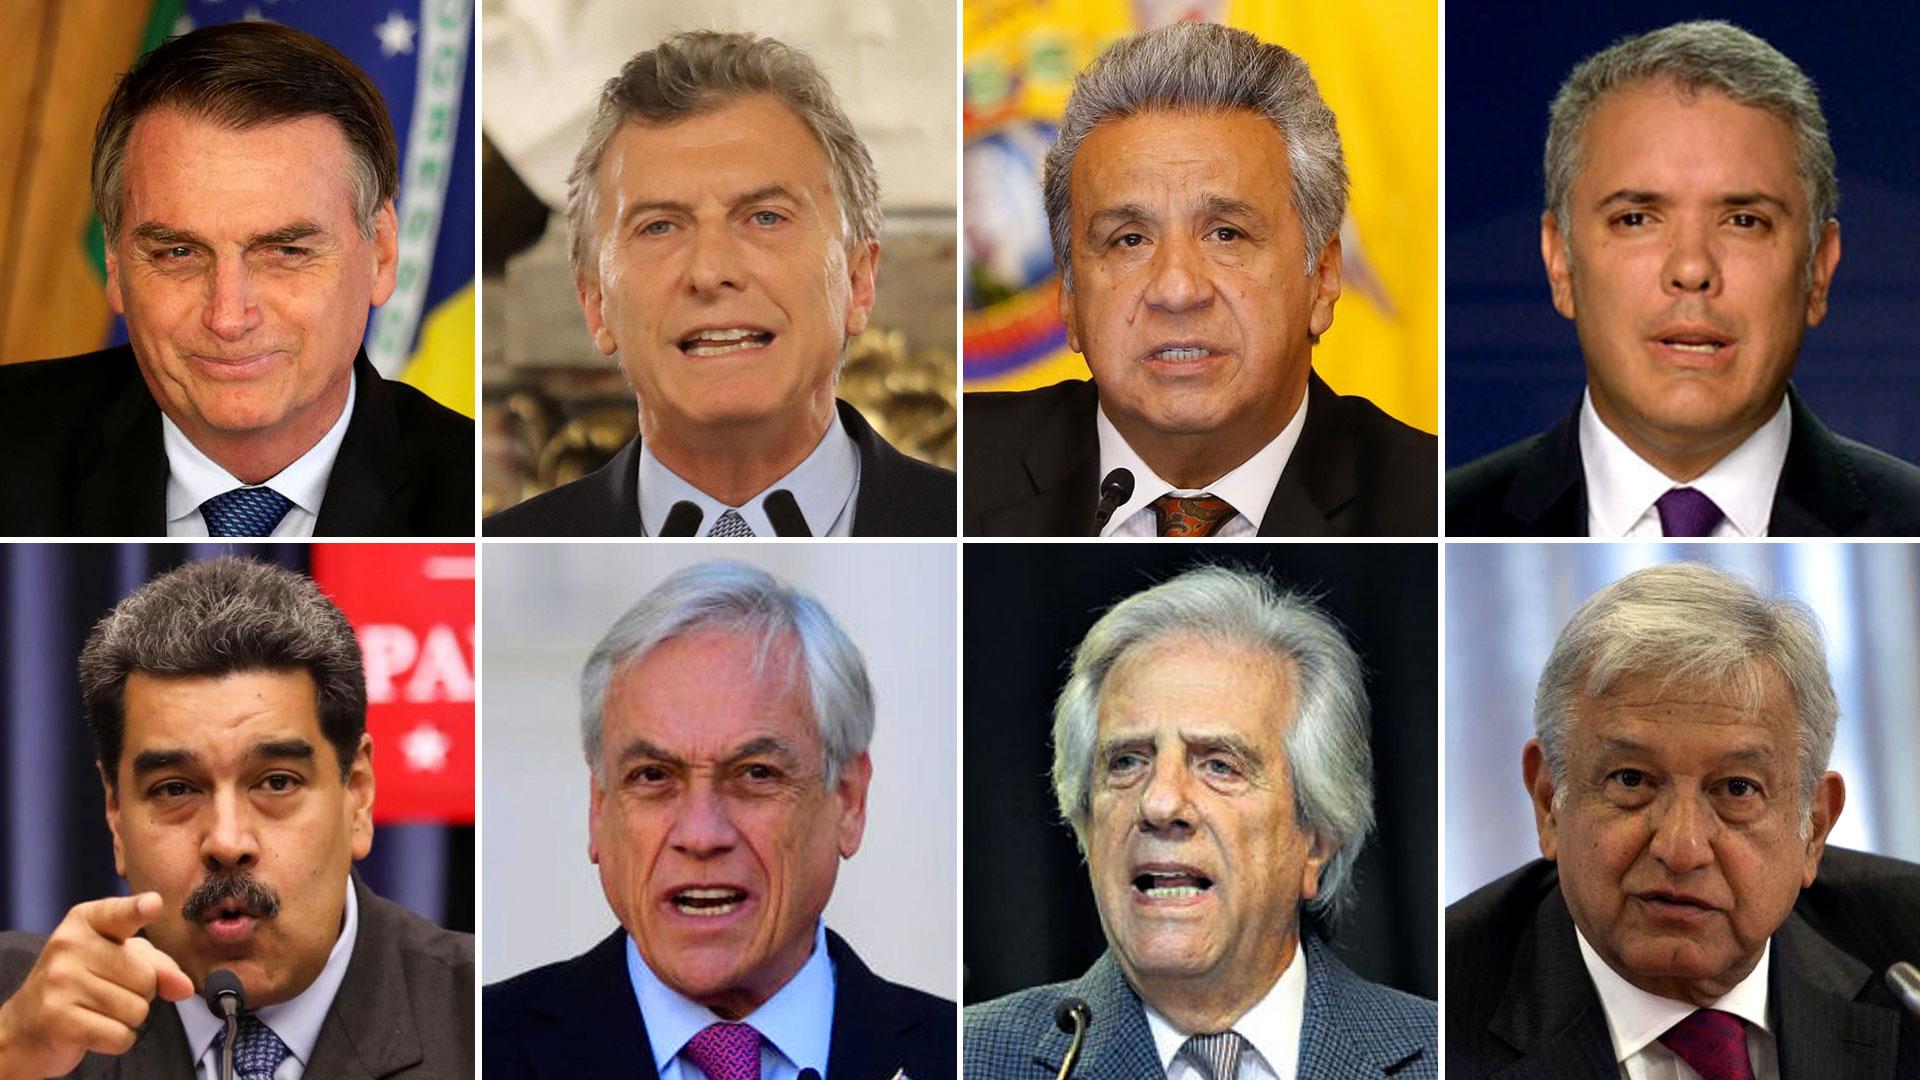 Jair Bolsonaro (Brasil), Mauricio Macri (Argentina), Lenín Moreno (Ecuador), Iván Duque (Colombia), Nicolás Maduro (Venezuela), Sebastián Piñera (Chile), Tabaré Vázquez (Uruguay) y Andrés López Obrador (México)